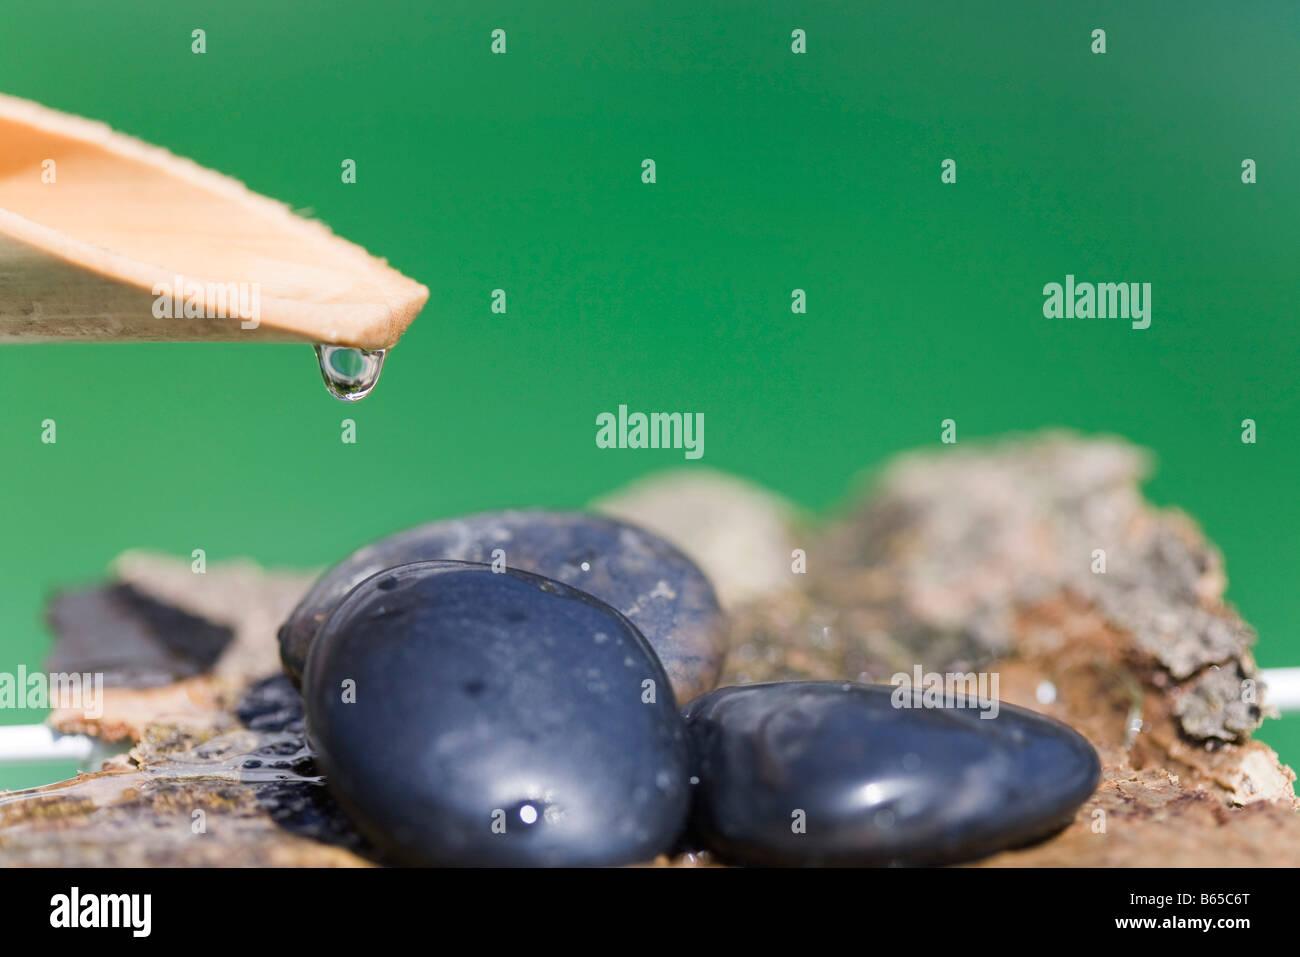 Gota de agua de madera colgando de descarga sobre el montón de piedras Imagen De Stock